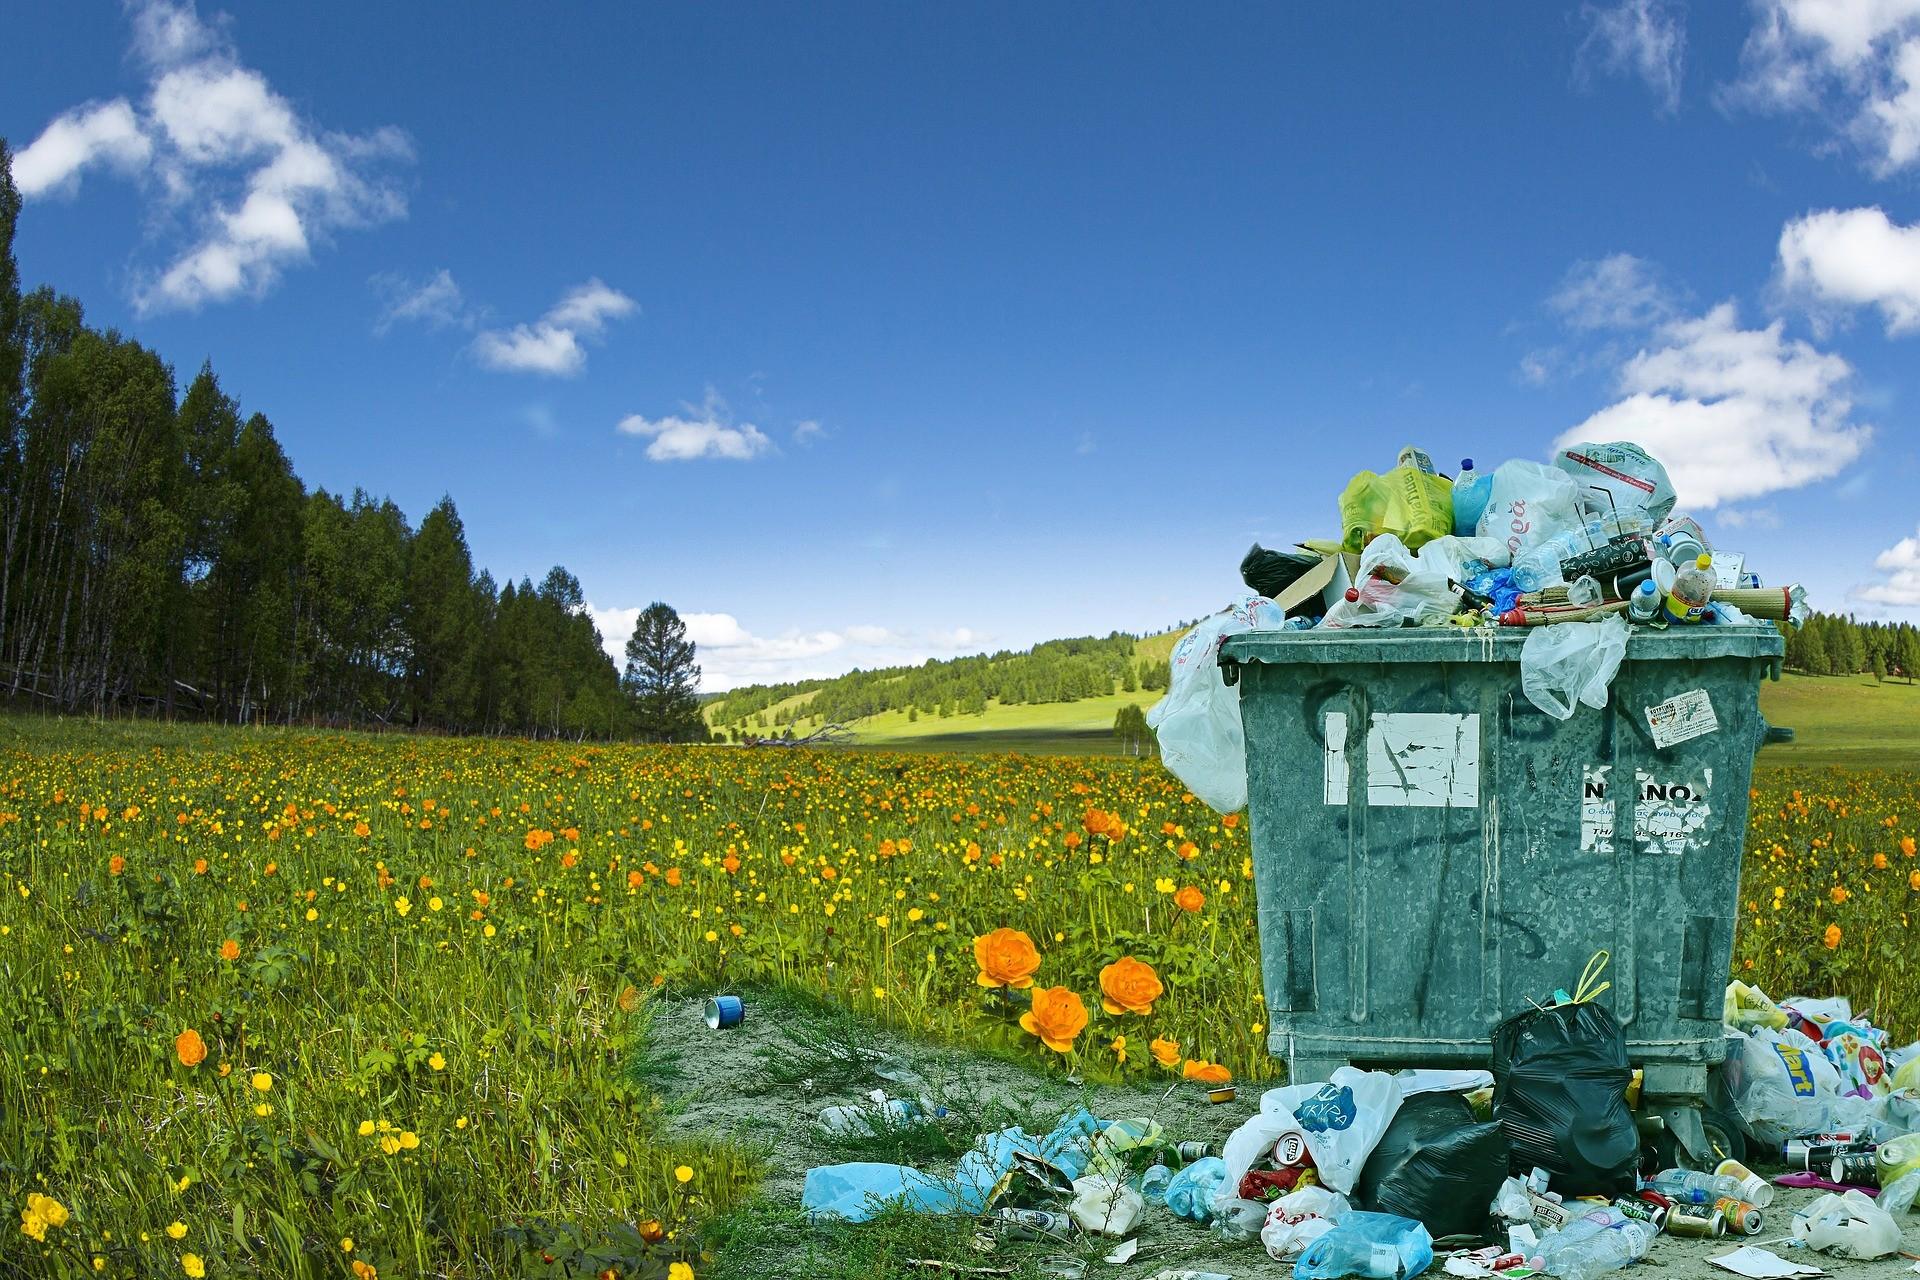 Aumenta la differenziata, ma anche i rifiuti